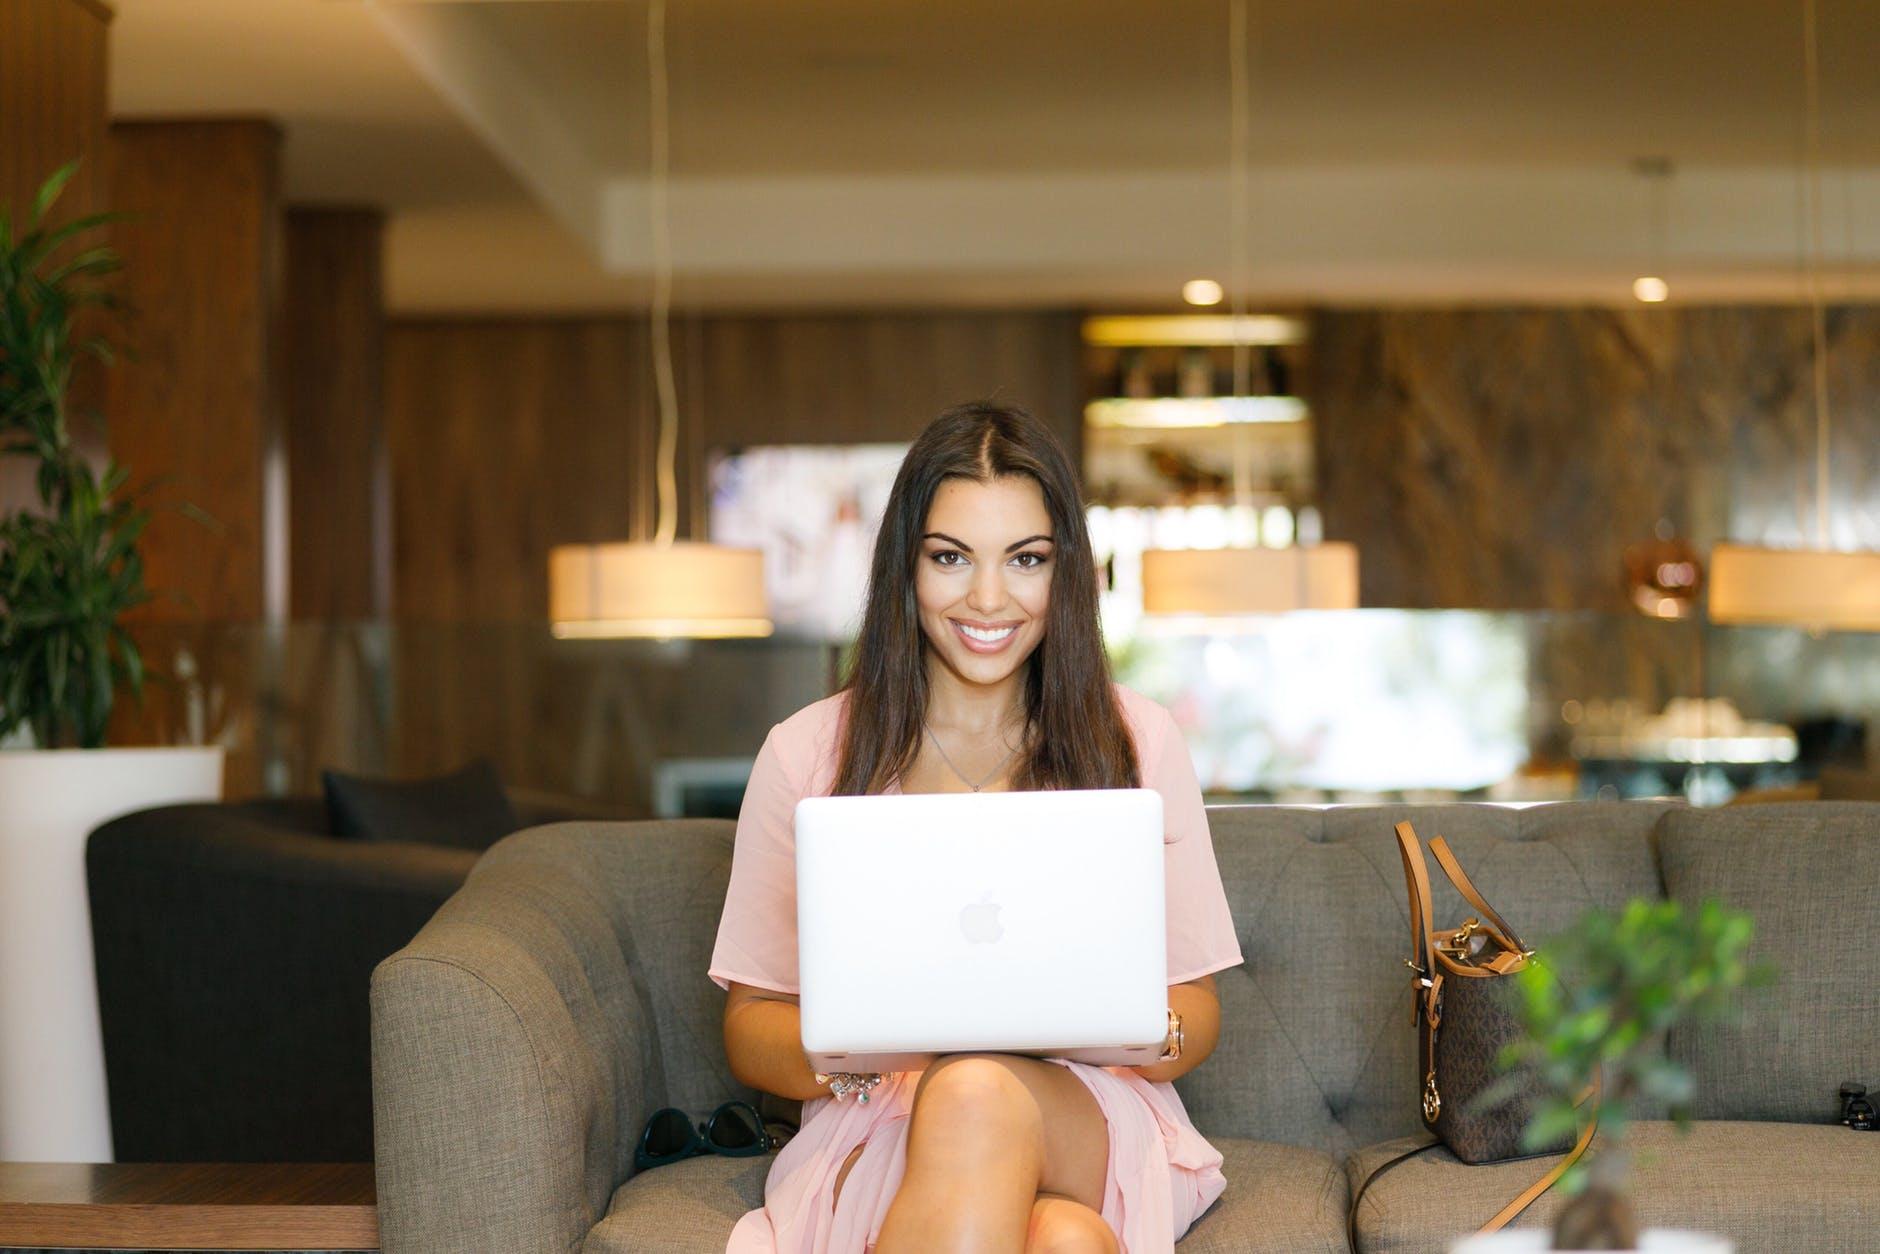 women in business program